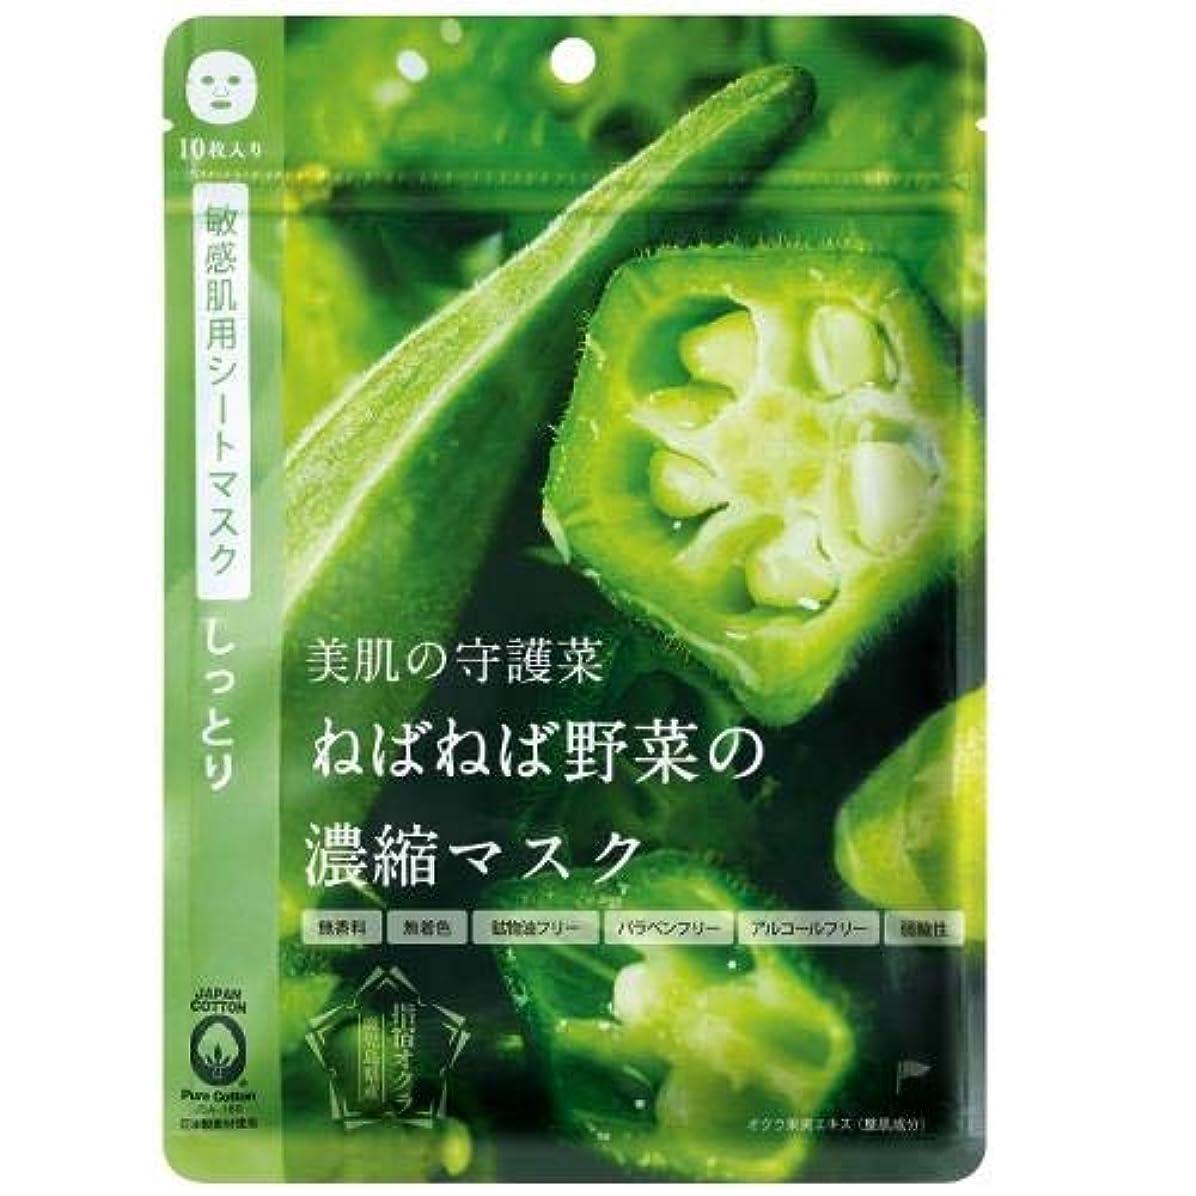 悲惨なオーバーラン反発するアイメーカーズ @cosme nippon (アットコスメニッポン) 美肌の守護菜 ねばねば野菜の濃縮マスク 指宿オクラ 10枚 3個セット